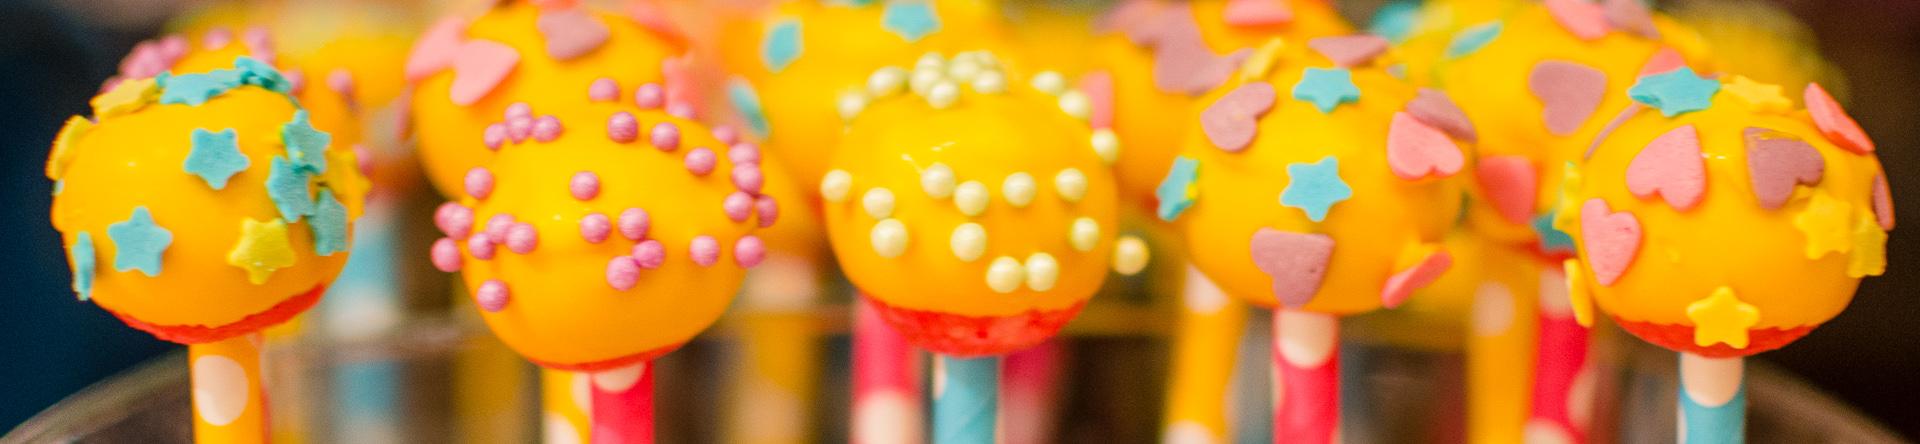 gula cakepops